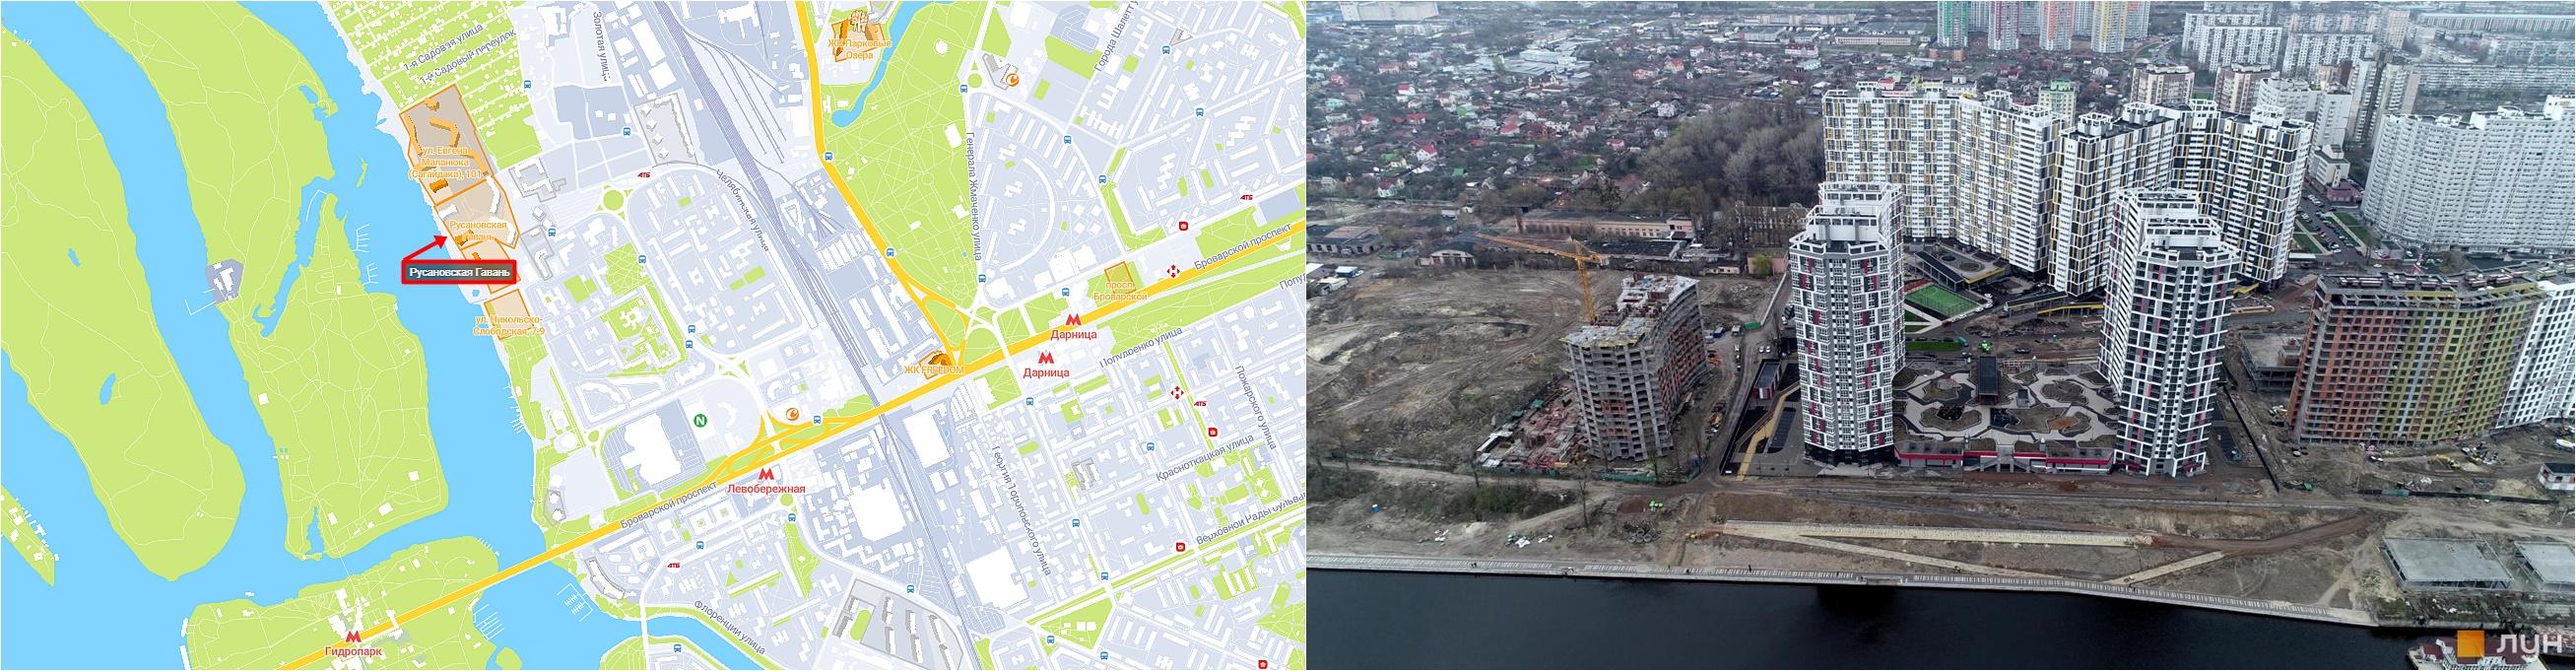 ЖК Русановская Гавань на карте и ход строительства